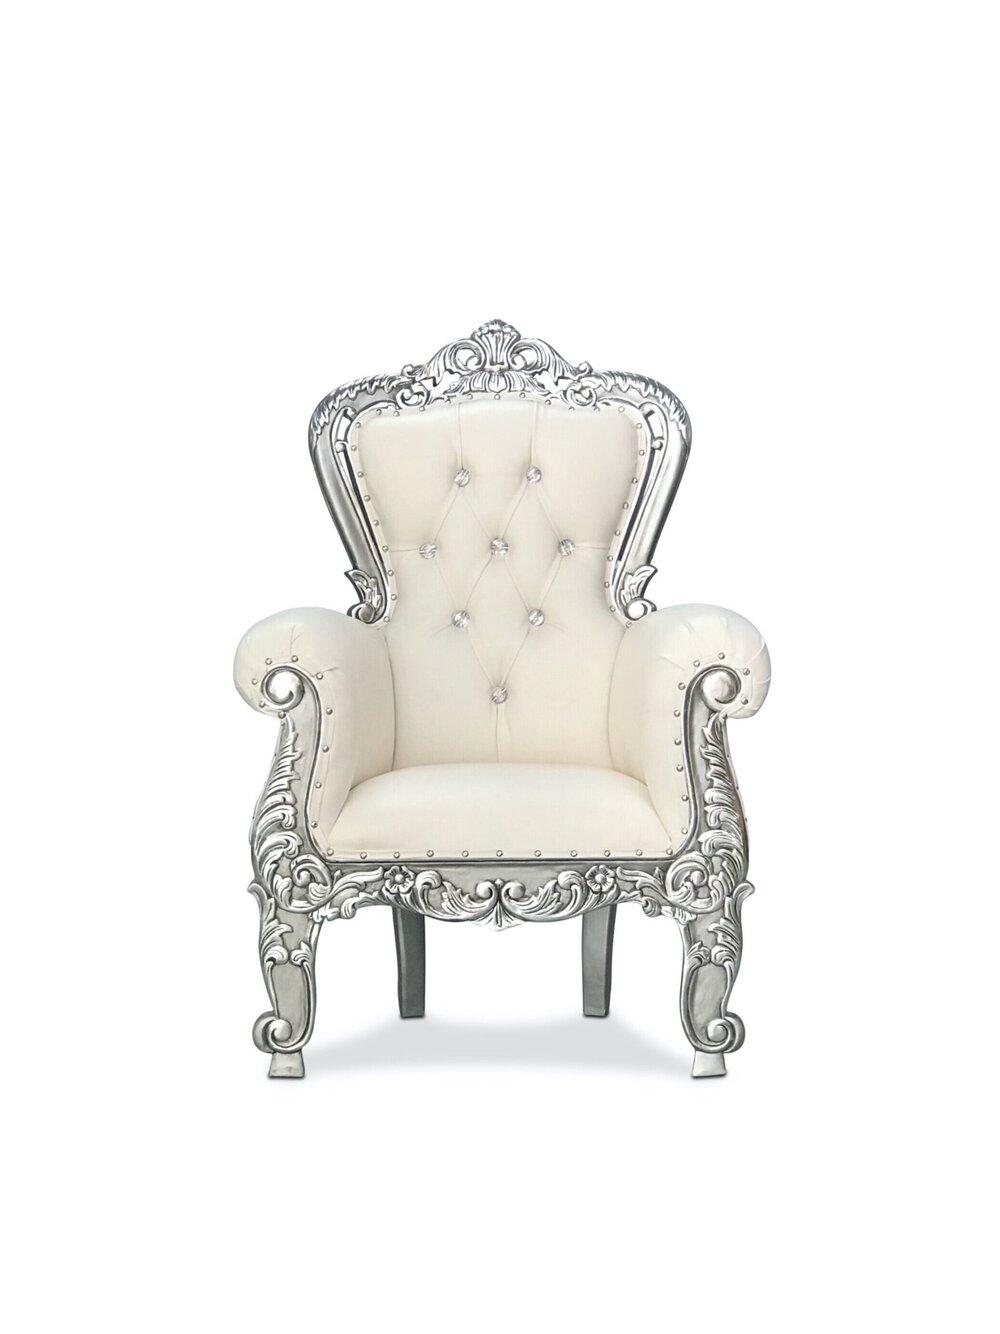 Kids Throne Chair Rentals